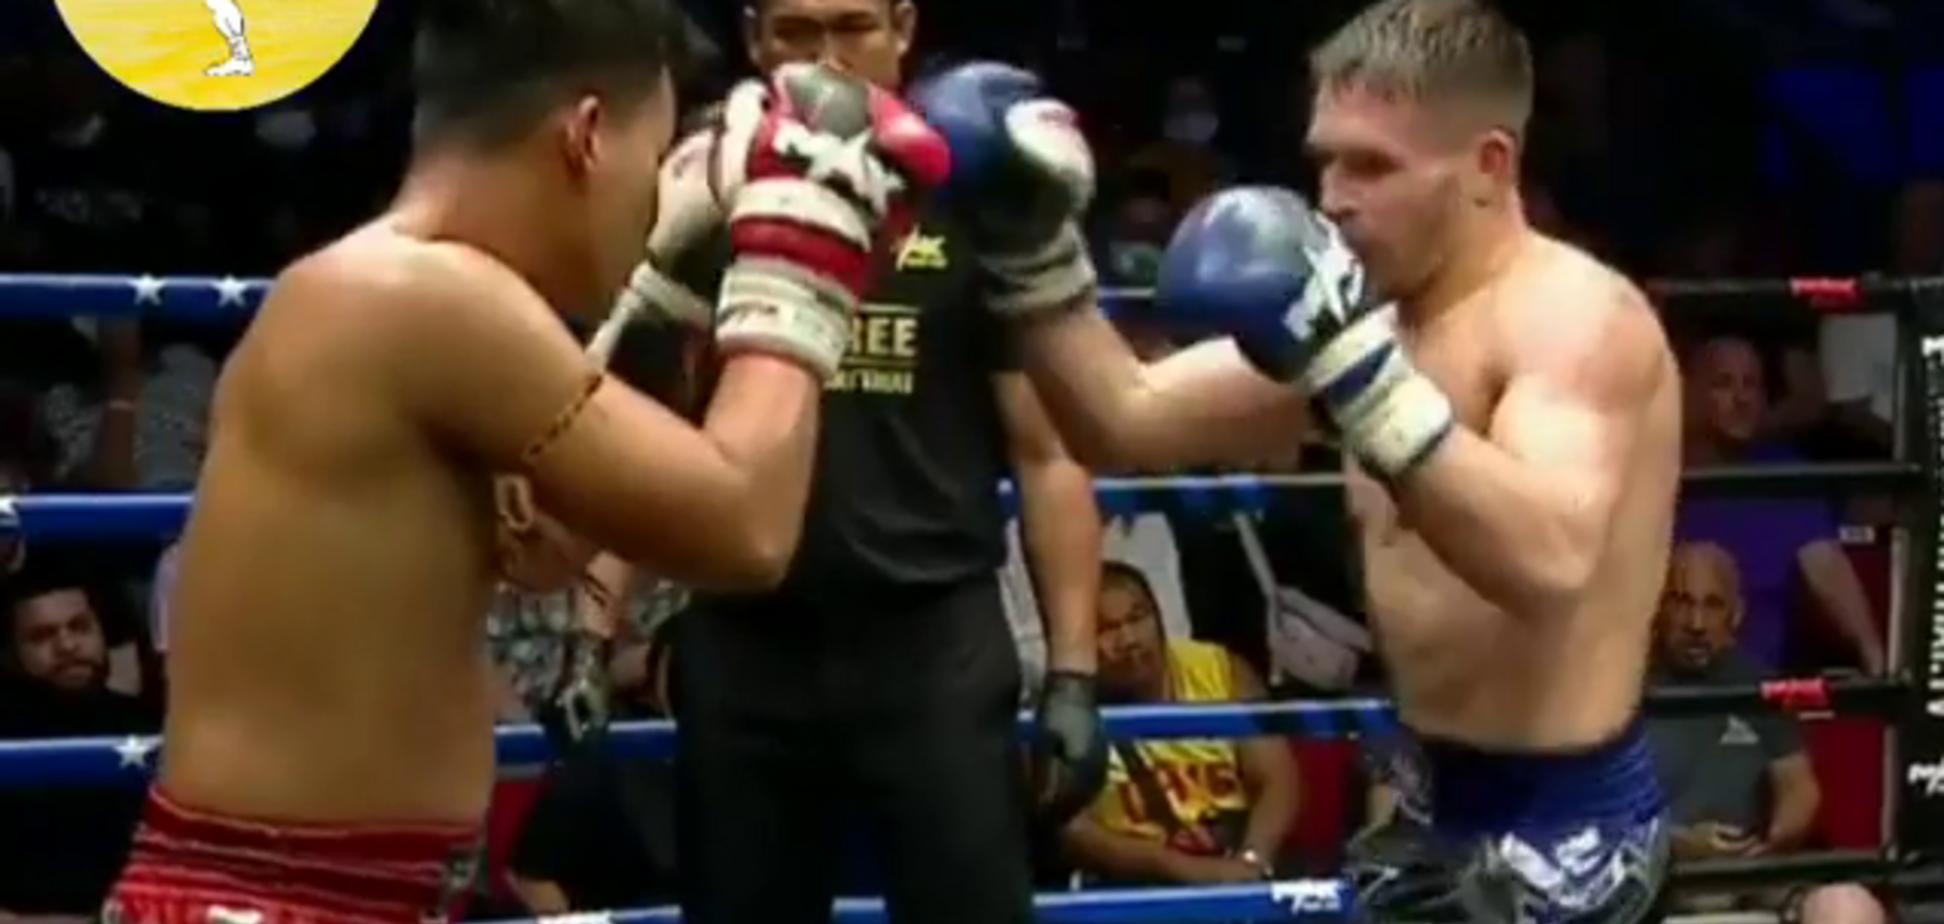 Український боксер здобув перемогу, влаштувавши суперникові 'криваву баню' - відеофакт